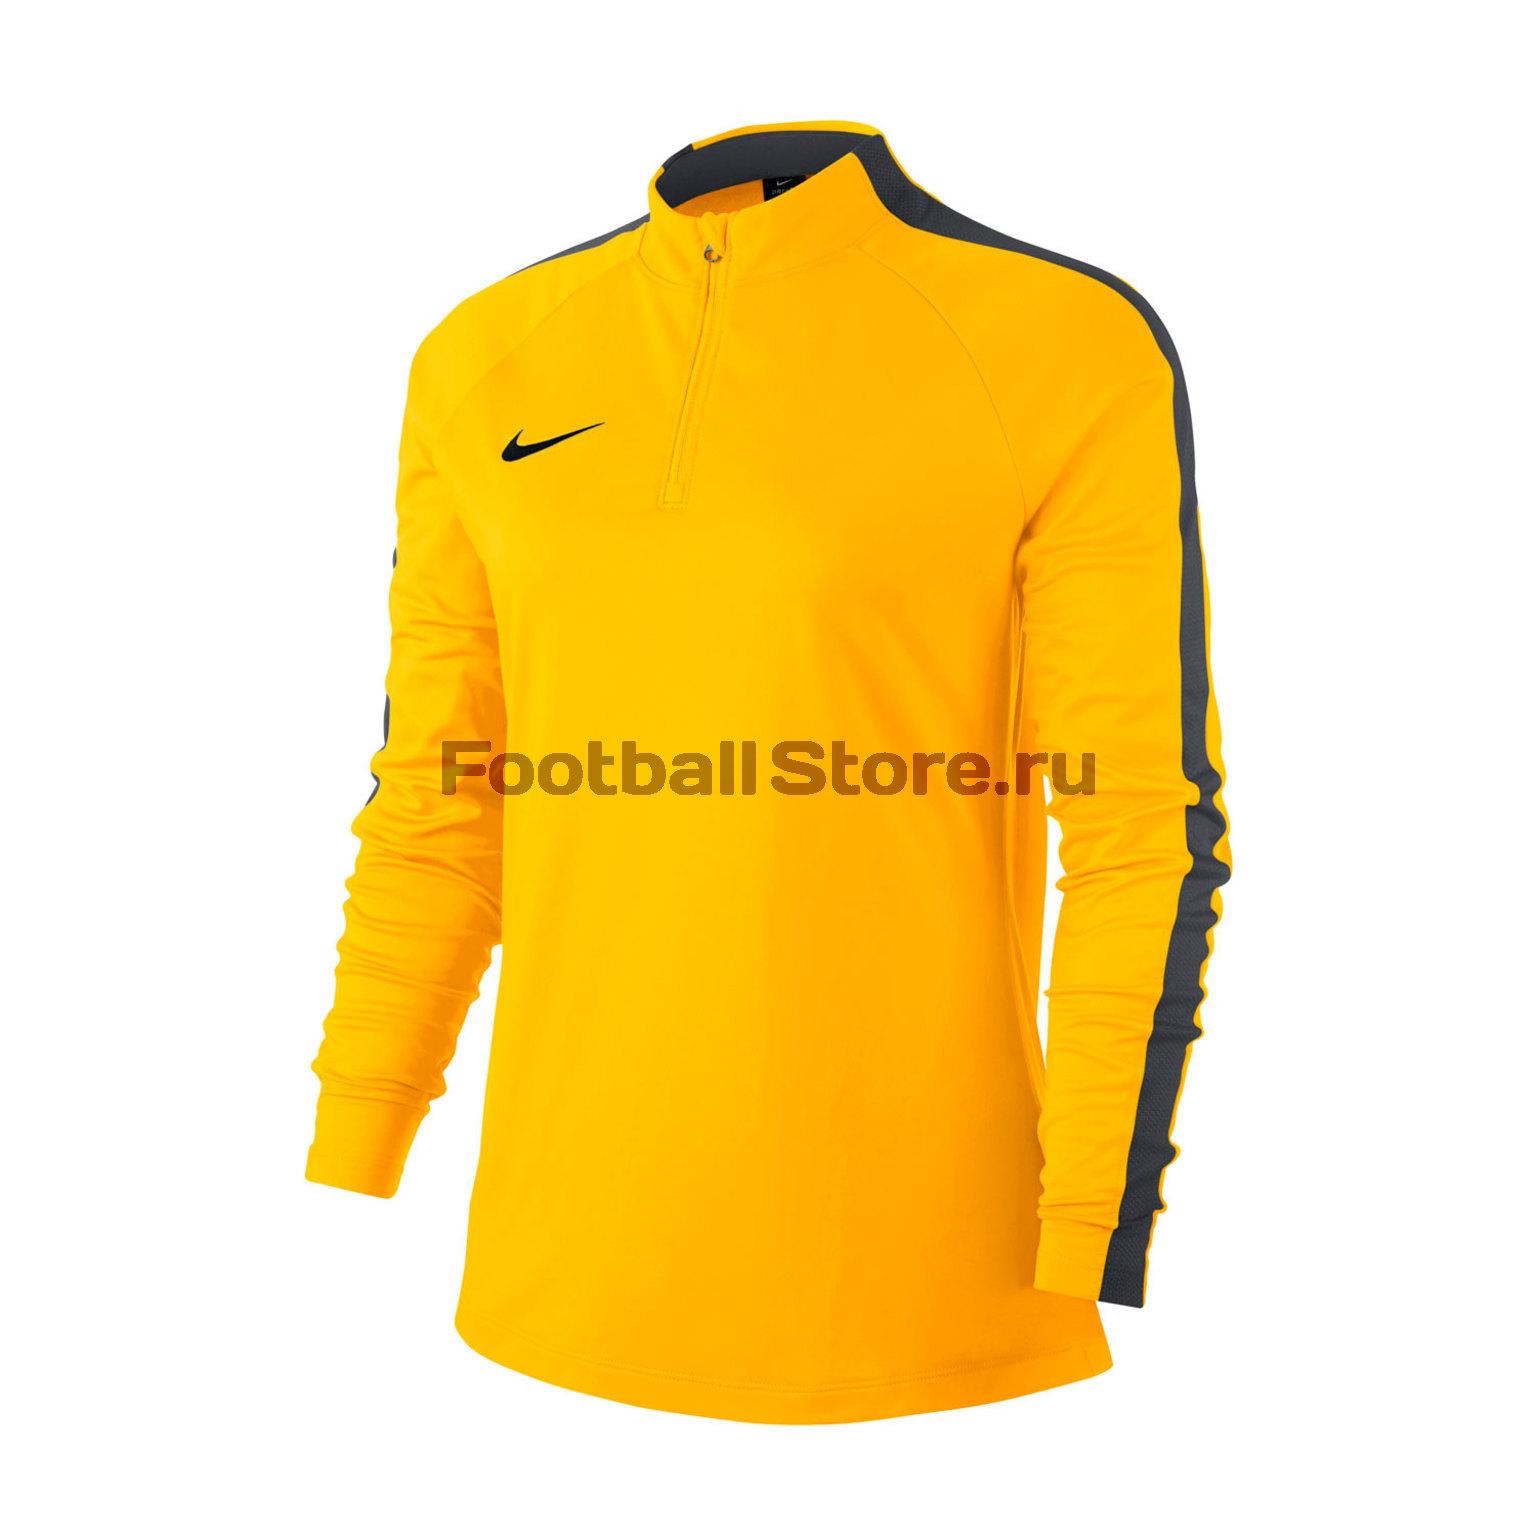 c10640a1 Свитер тренировочный женский Nike Academy 893710-719 – купить в интернет  магазине footballstore, цена, фото